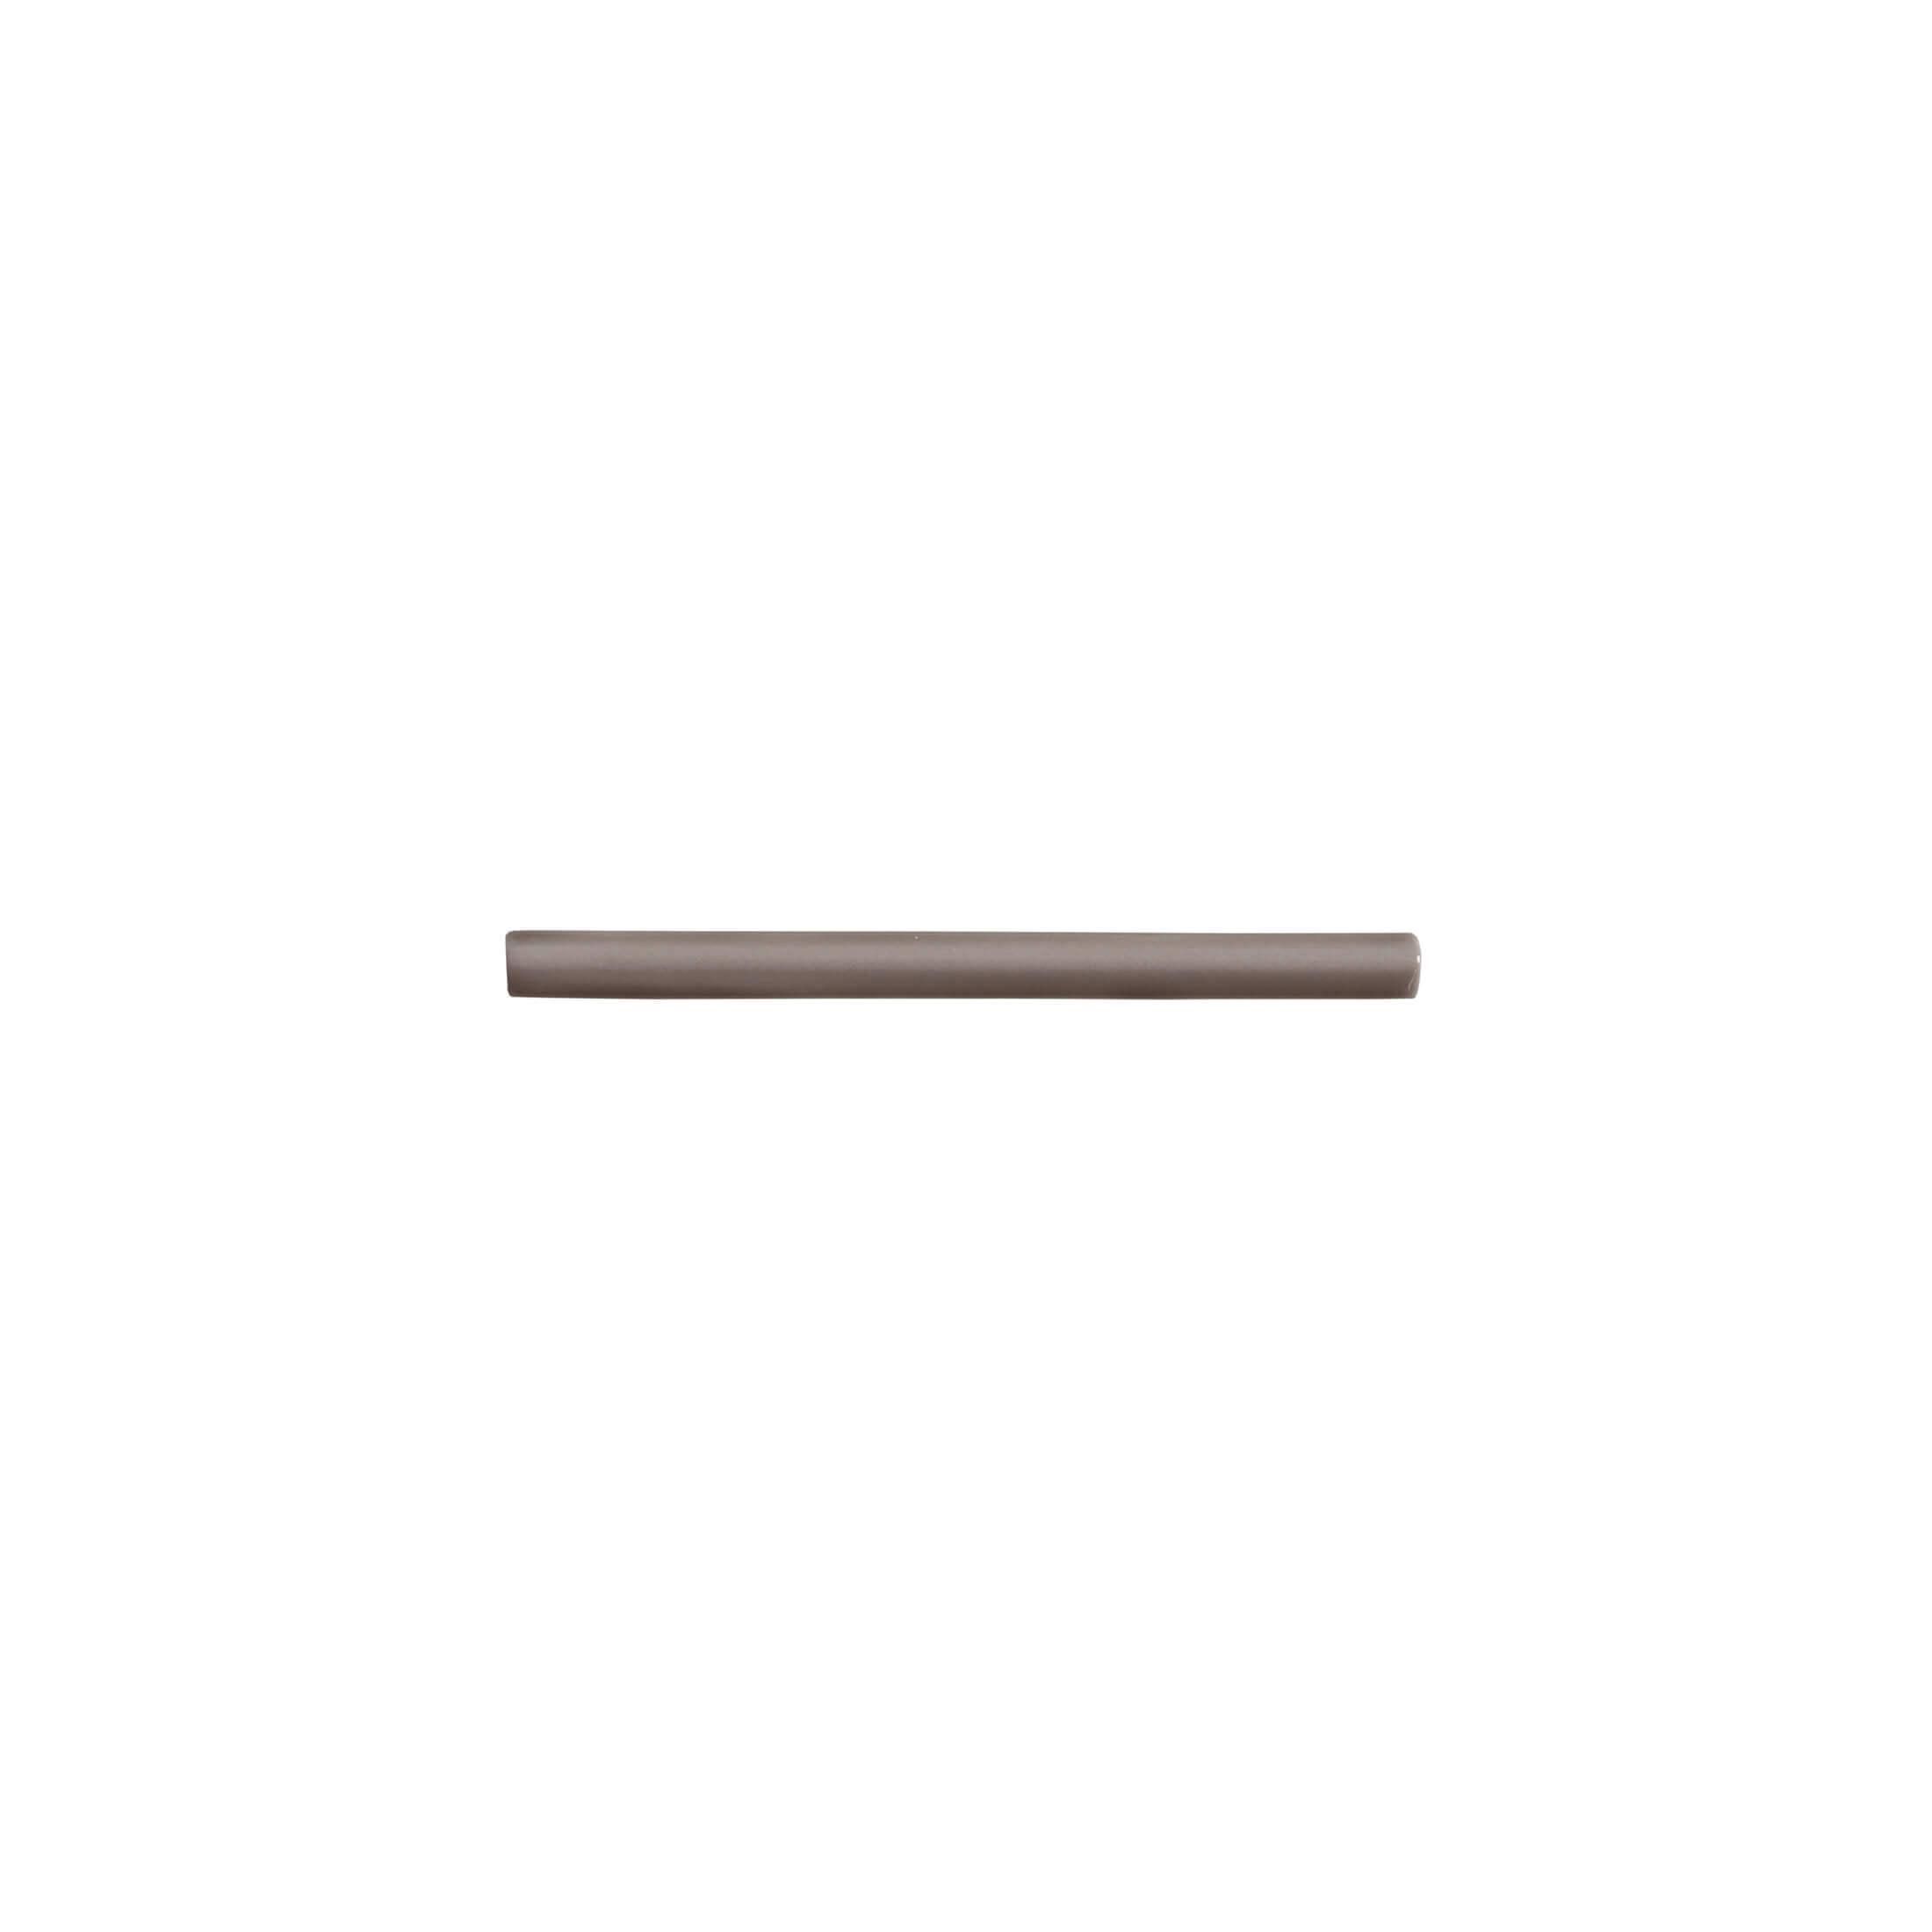 ADST5184 - BULLNOSE TRIM - 0.75 cm X 14.8 cm